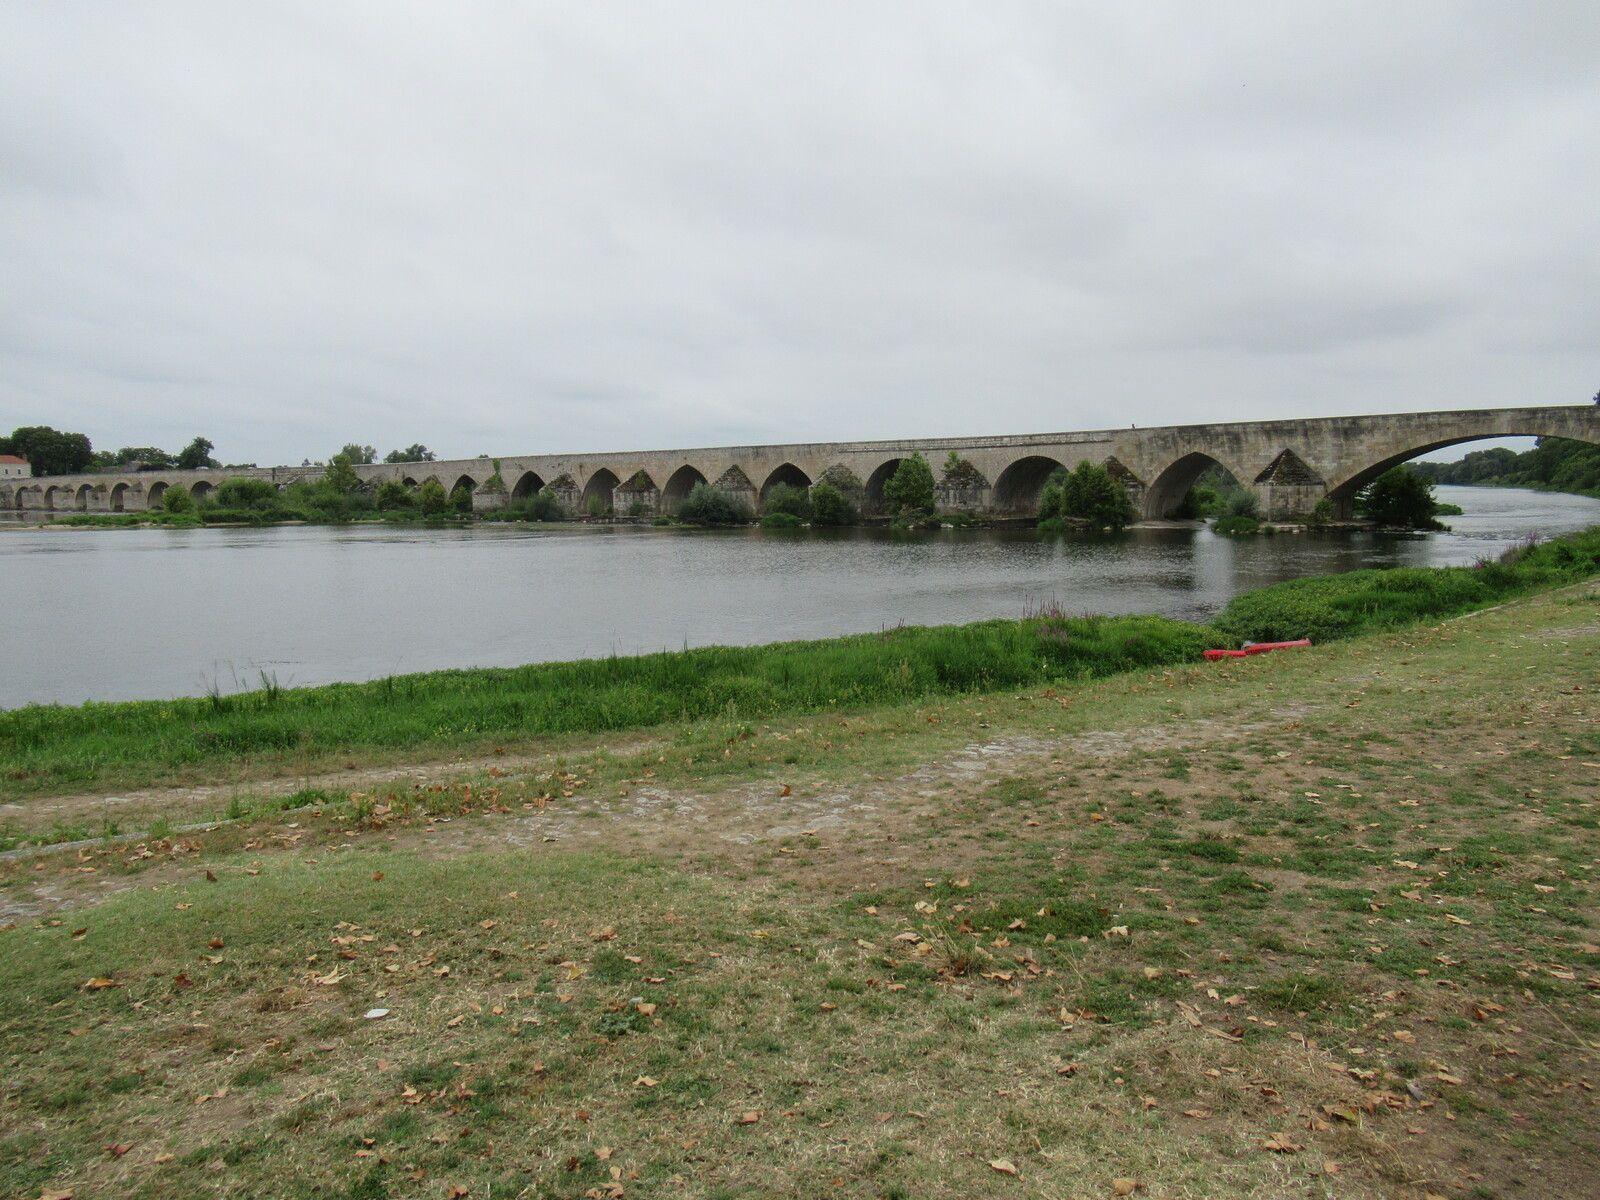 Le Centre-Val de Loire à vélo : Etape 10 - Cléry-Saint-André / Vineuil - 60,5 km